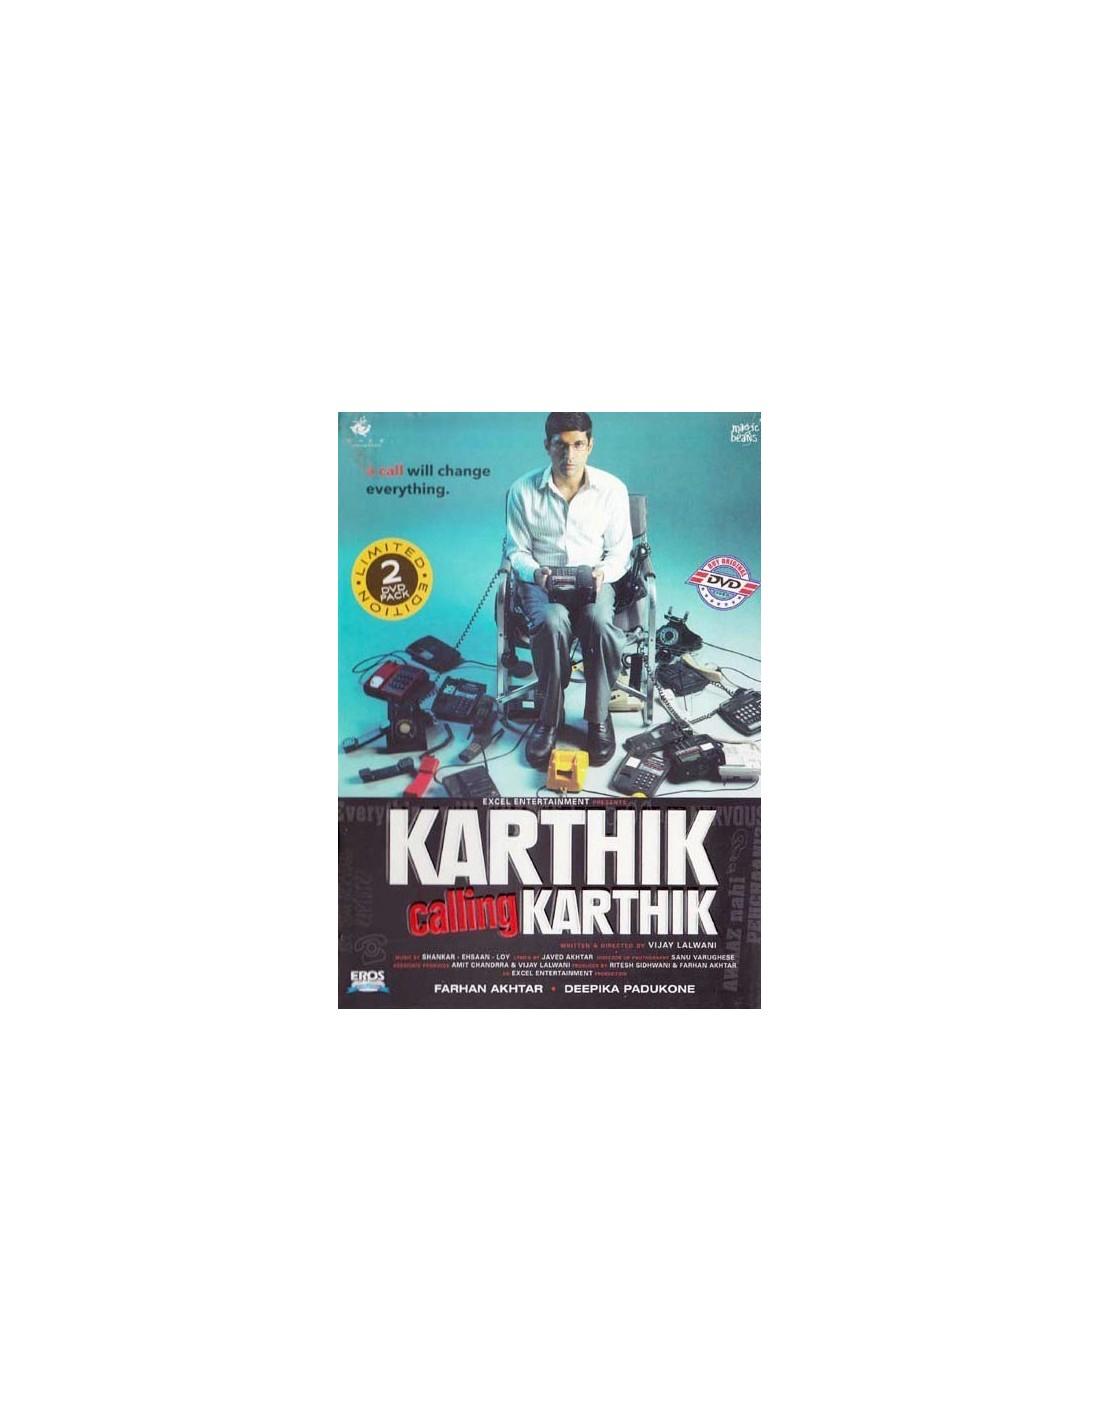 Karthik Calling Karthik (Collector 2 DVD